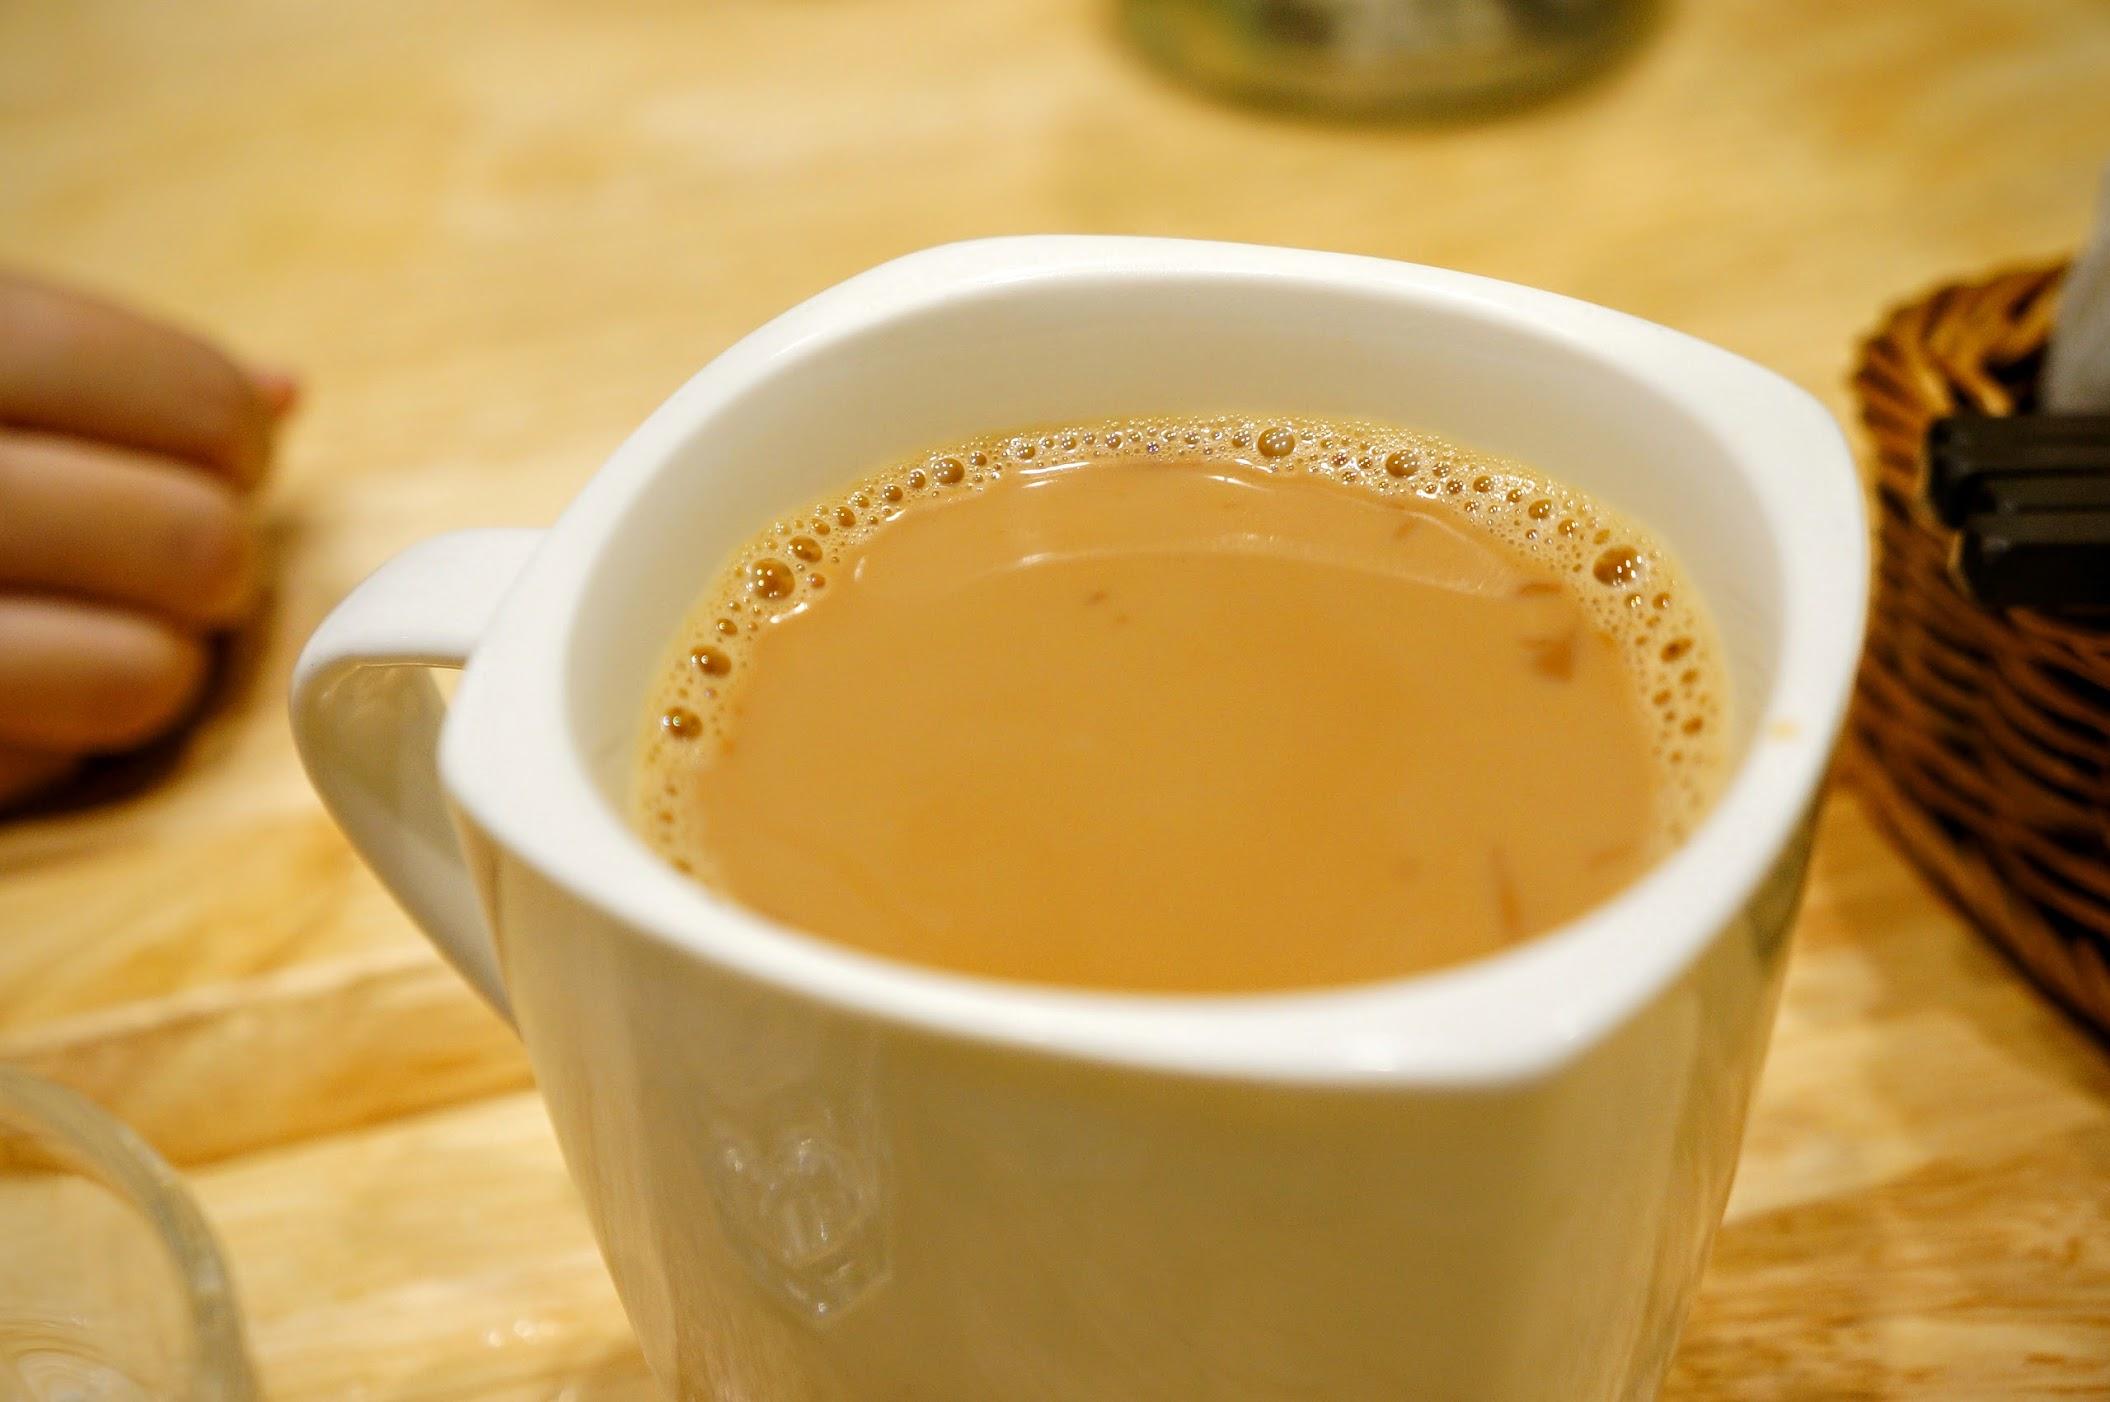 原味鮮奶茶,奶味頗重的